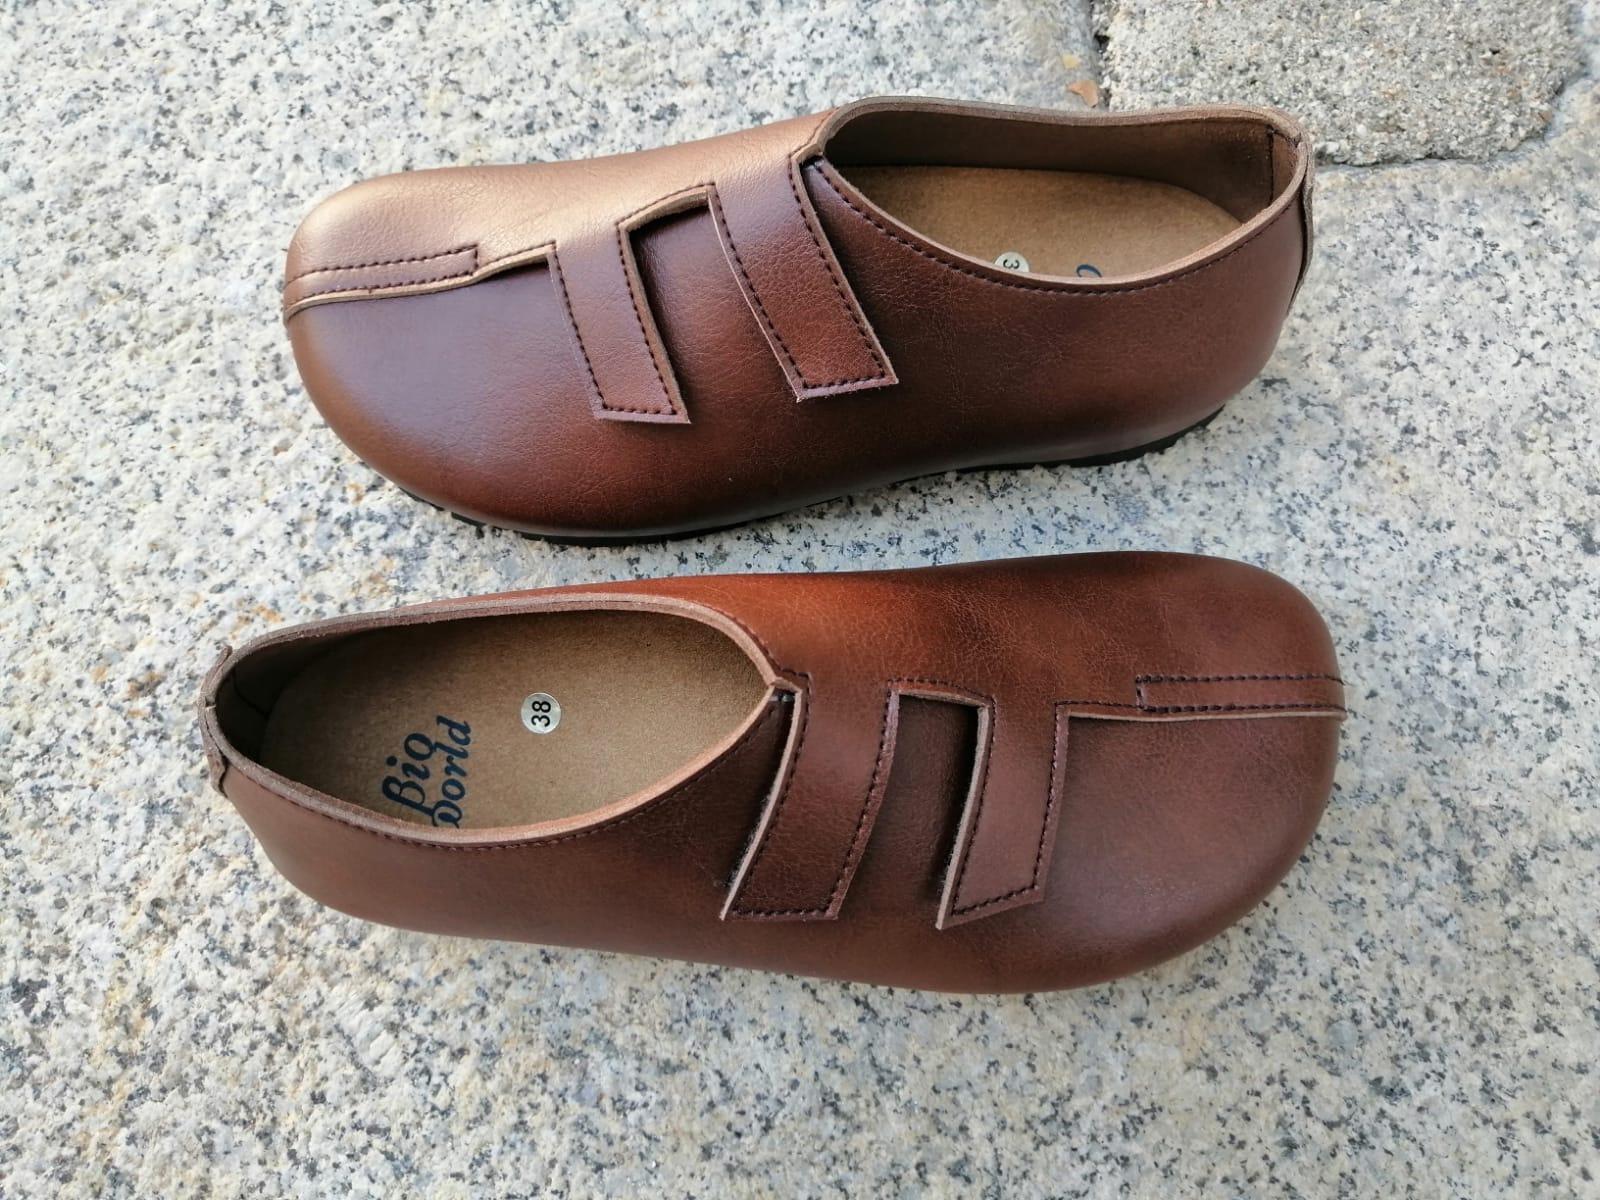 MODELO STRADIVARIUS marrón Zapatos veganos, Zapatos de diseño, Zapatos cerrados, Zapatos Planos, zapatos de hombre, zapatos de mujer